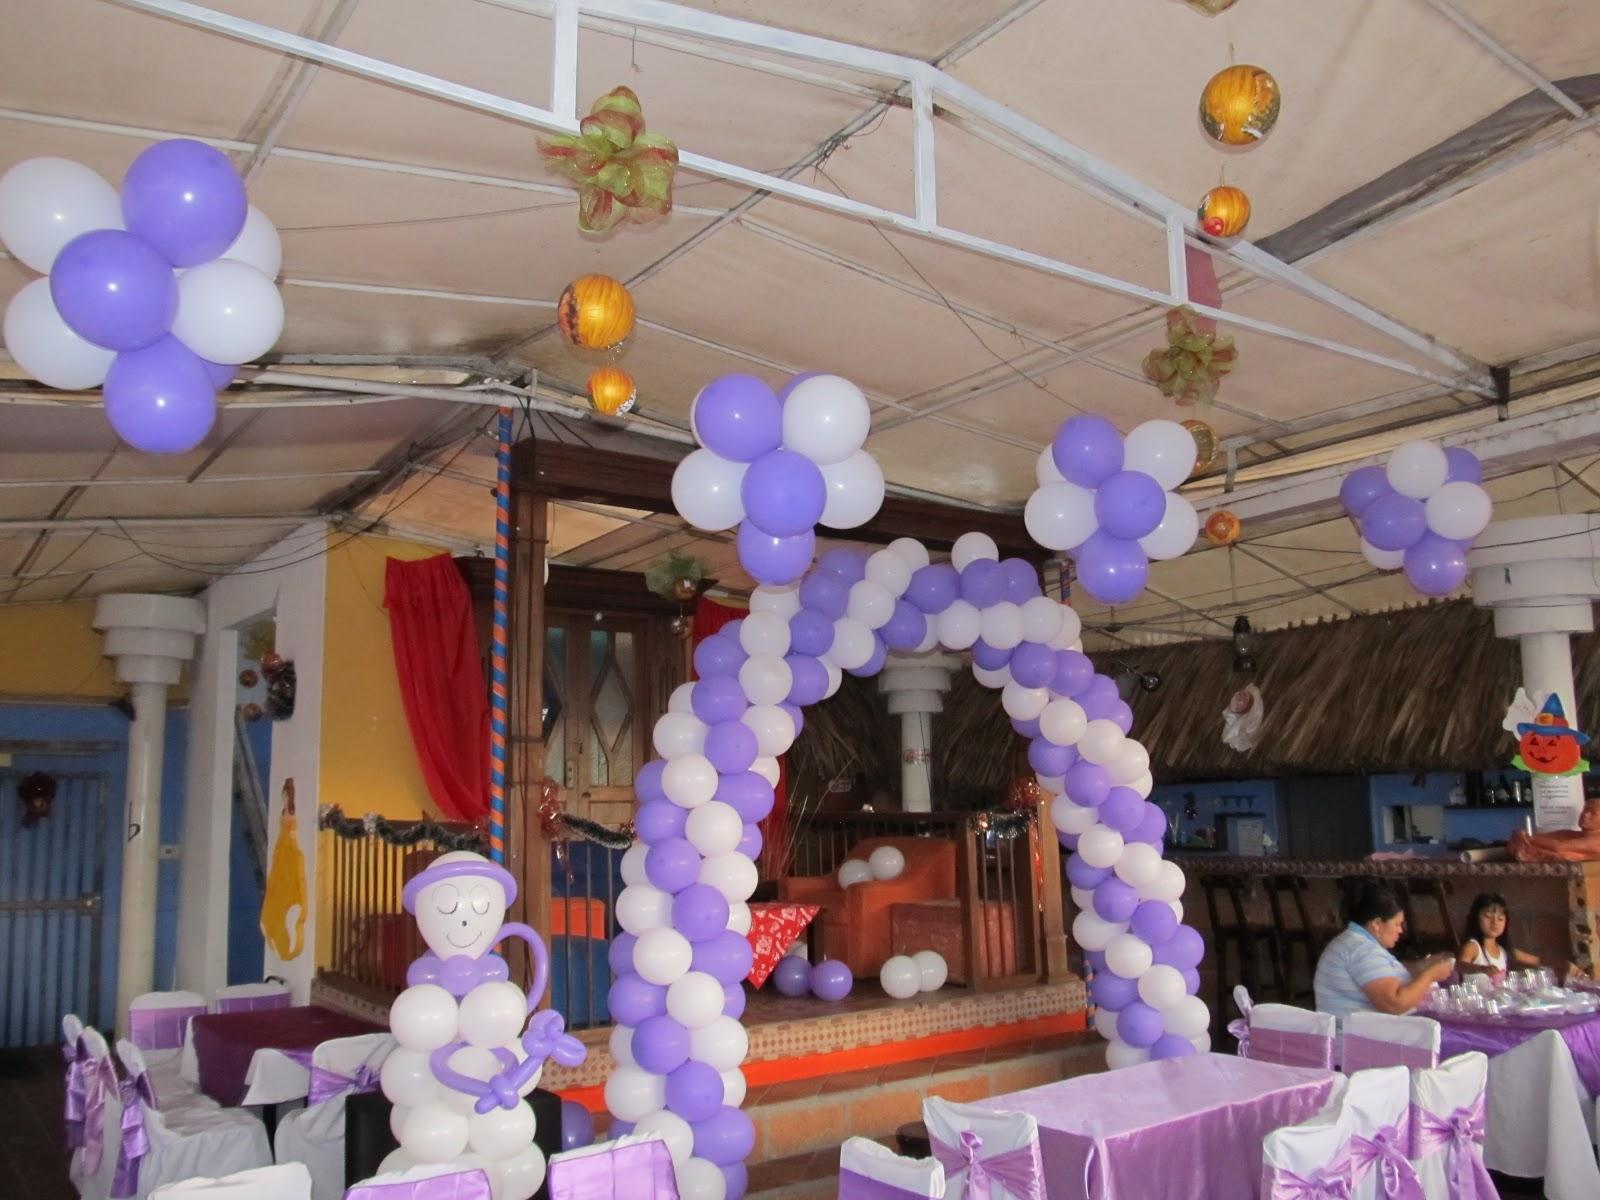 Decoracion primera comunion angeles y arcos con globos - Decoracion primera comunion ...